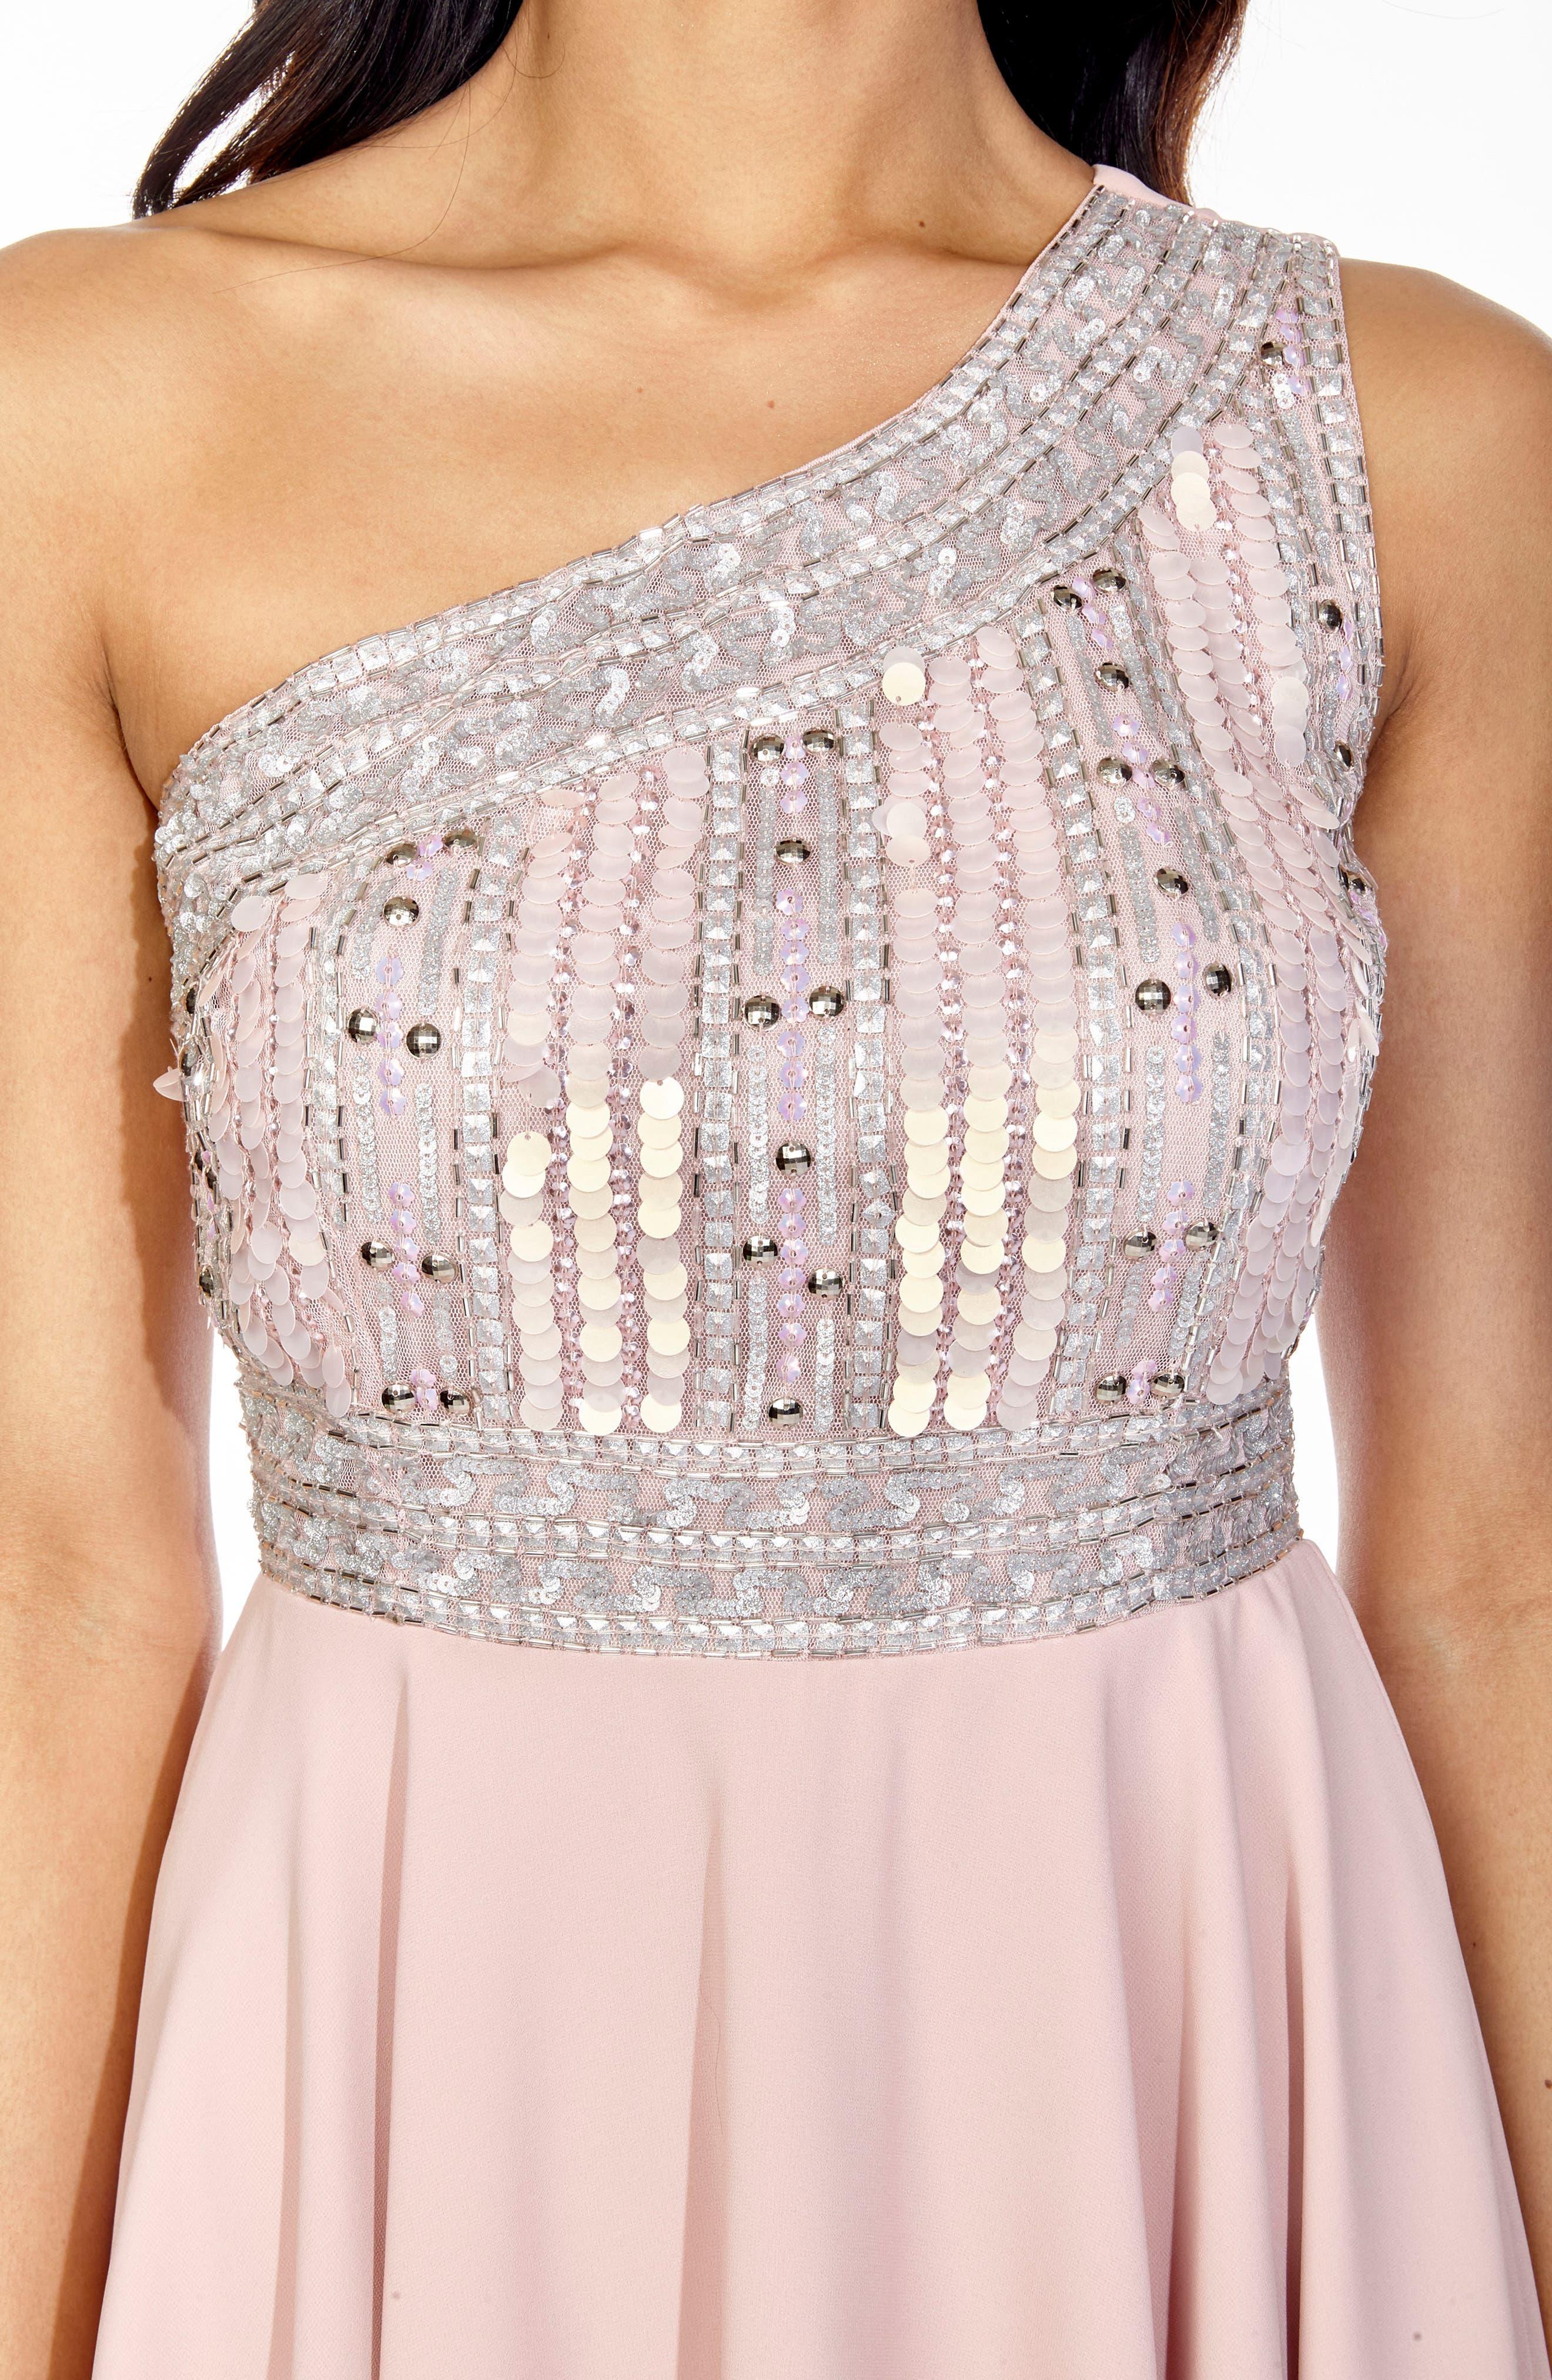 Althea Embellished One-Shoulder Dress,                             Alternate thumbnail 3, color,                             PINK